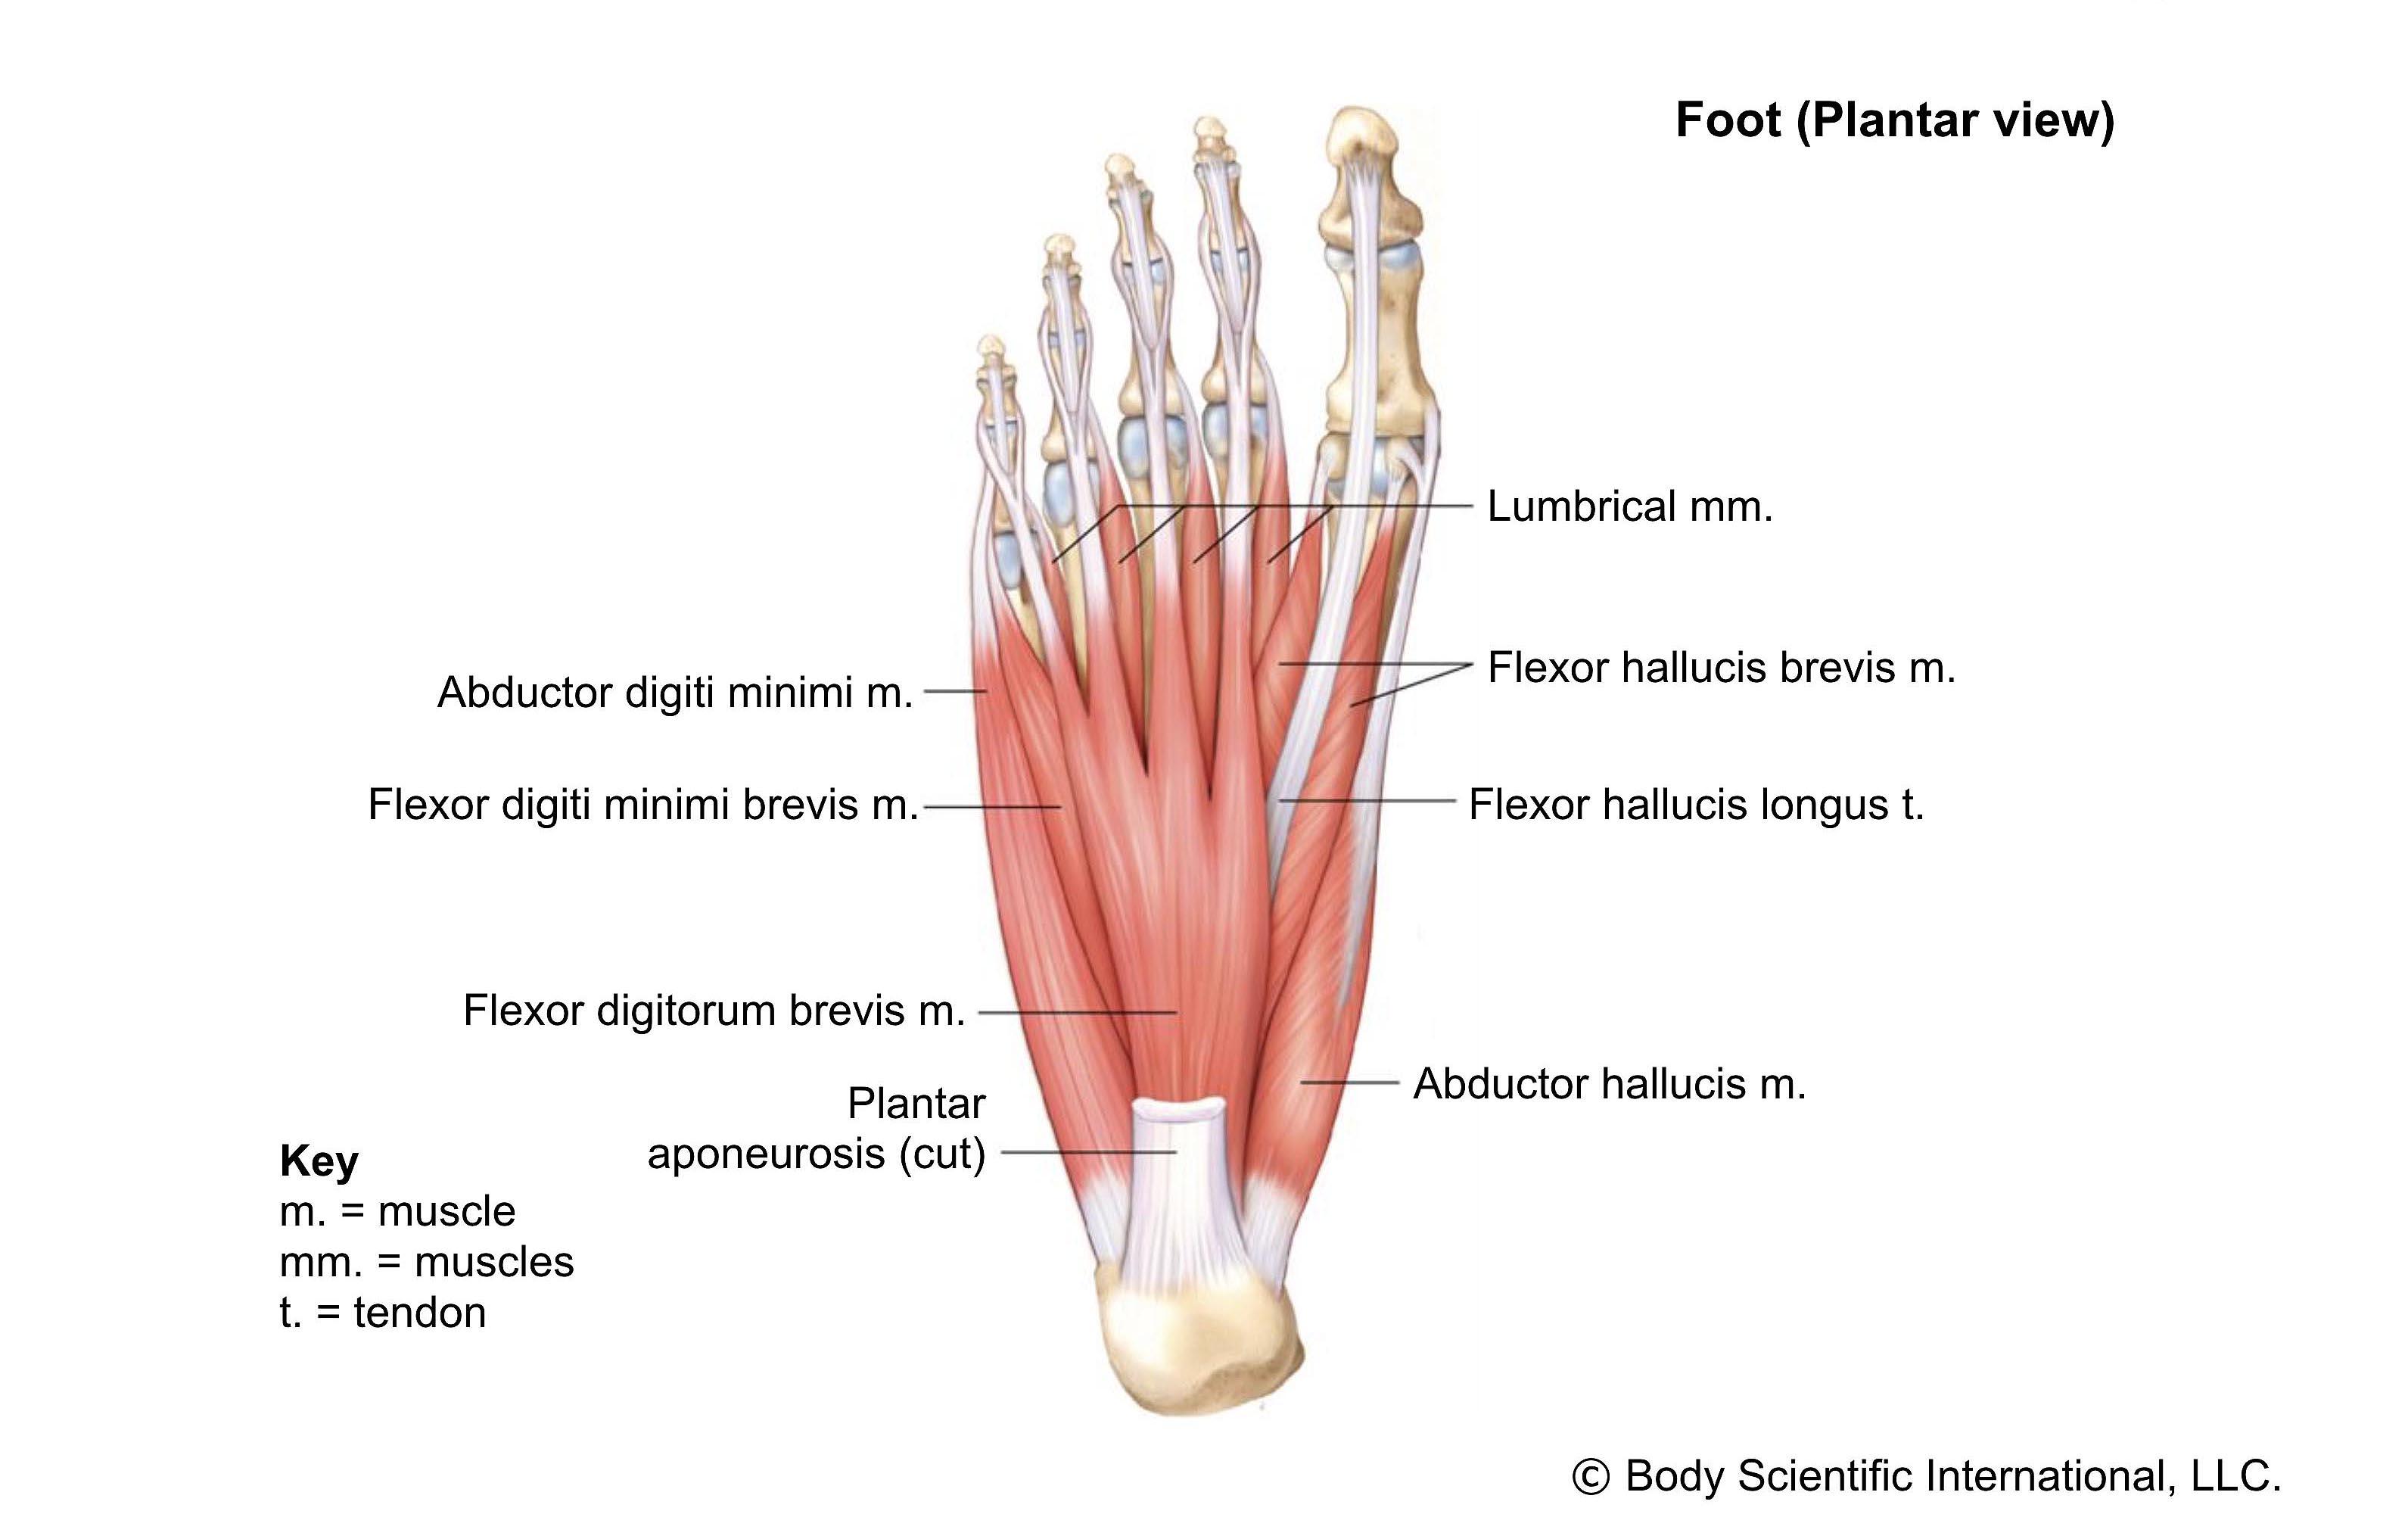 Foot Plantar